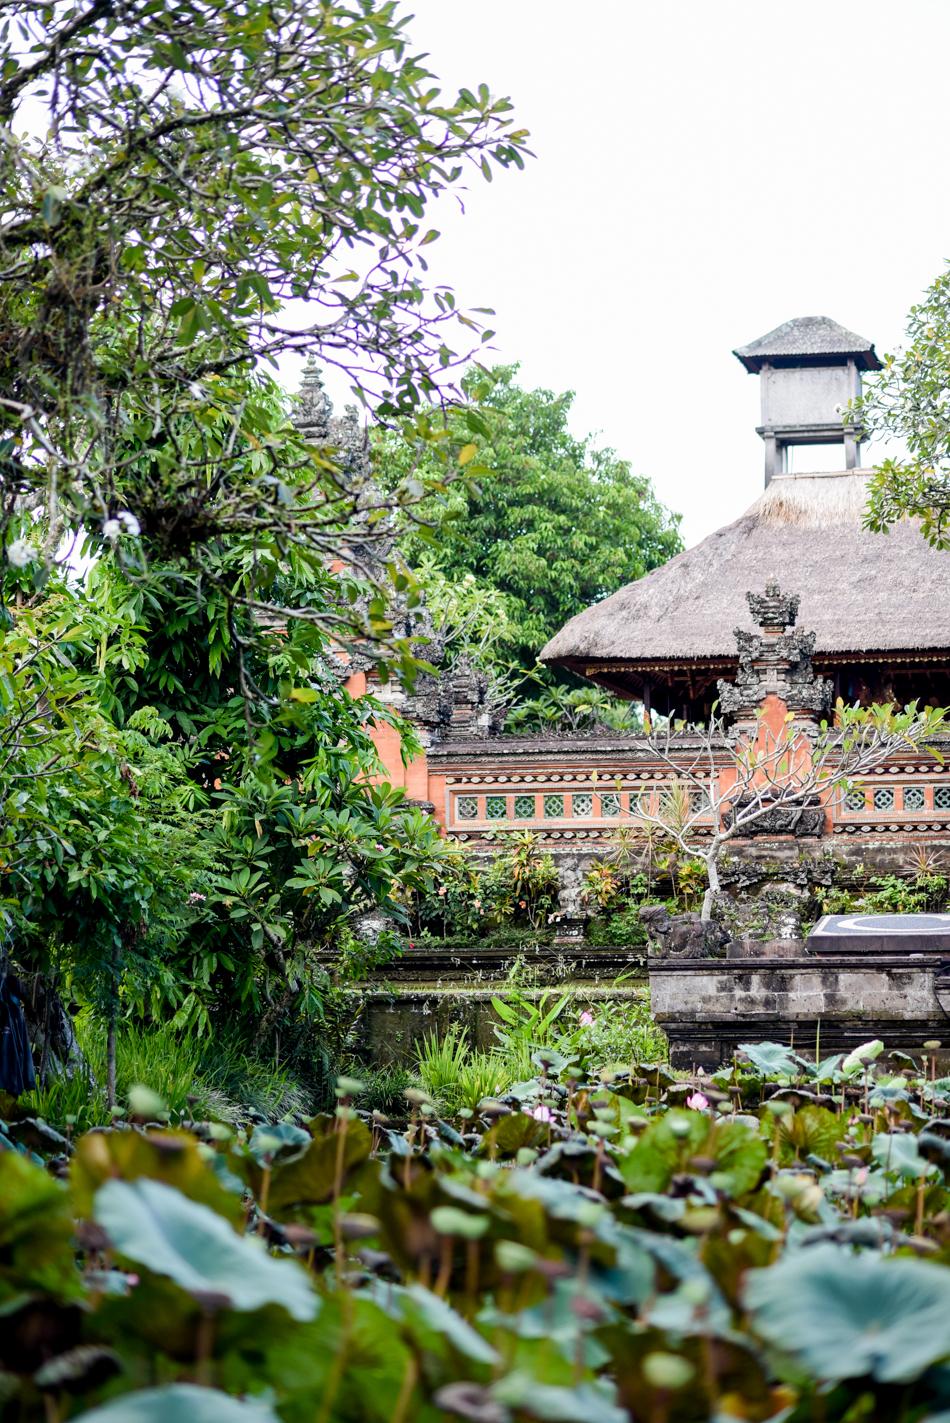 Bali-Honeymoon-Travel-AnaisStoelen-76.jpg